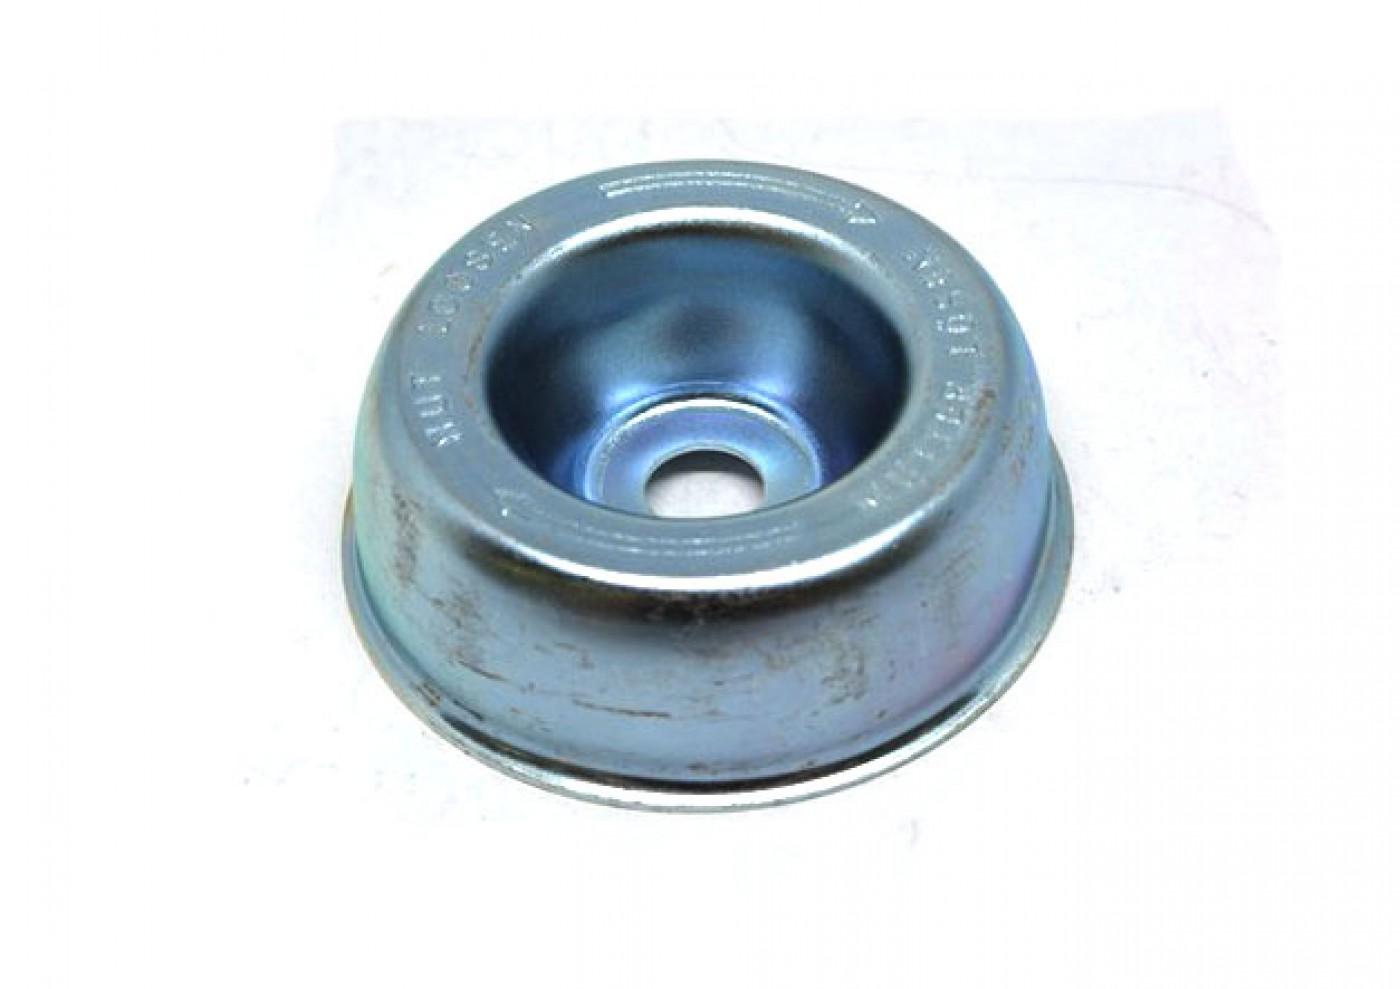 Miska pod kotouč Stihl pro Profi stroje FS 160 až FS 550